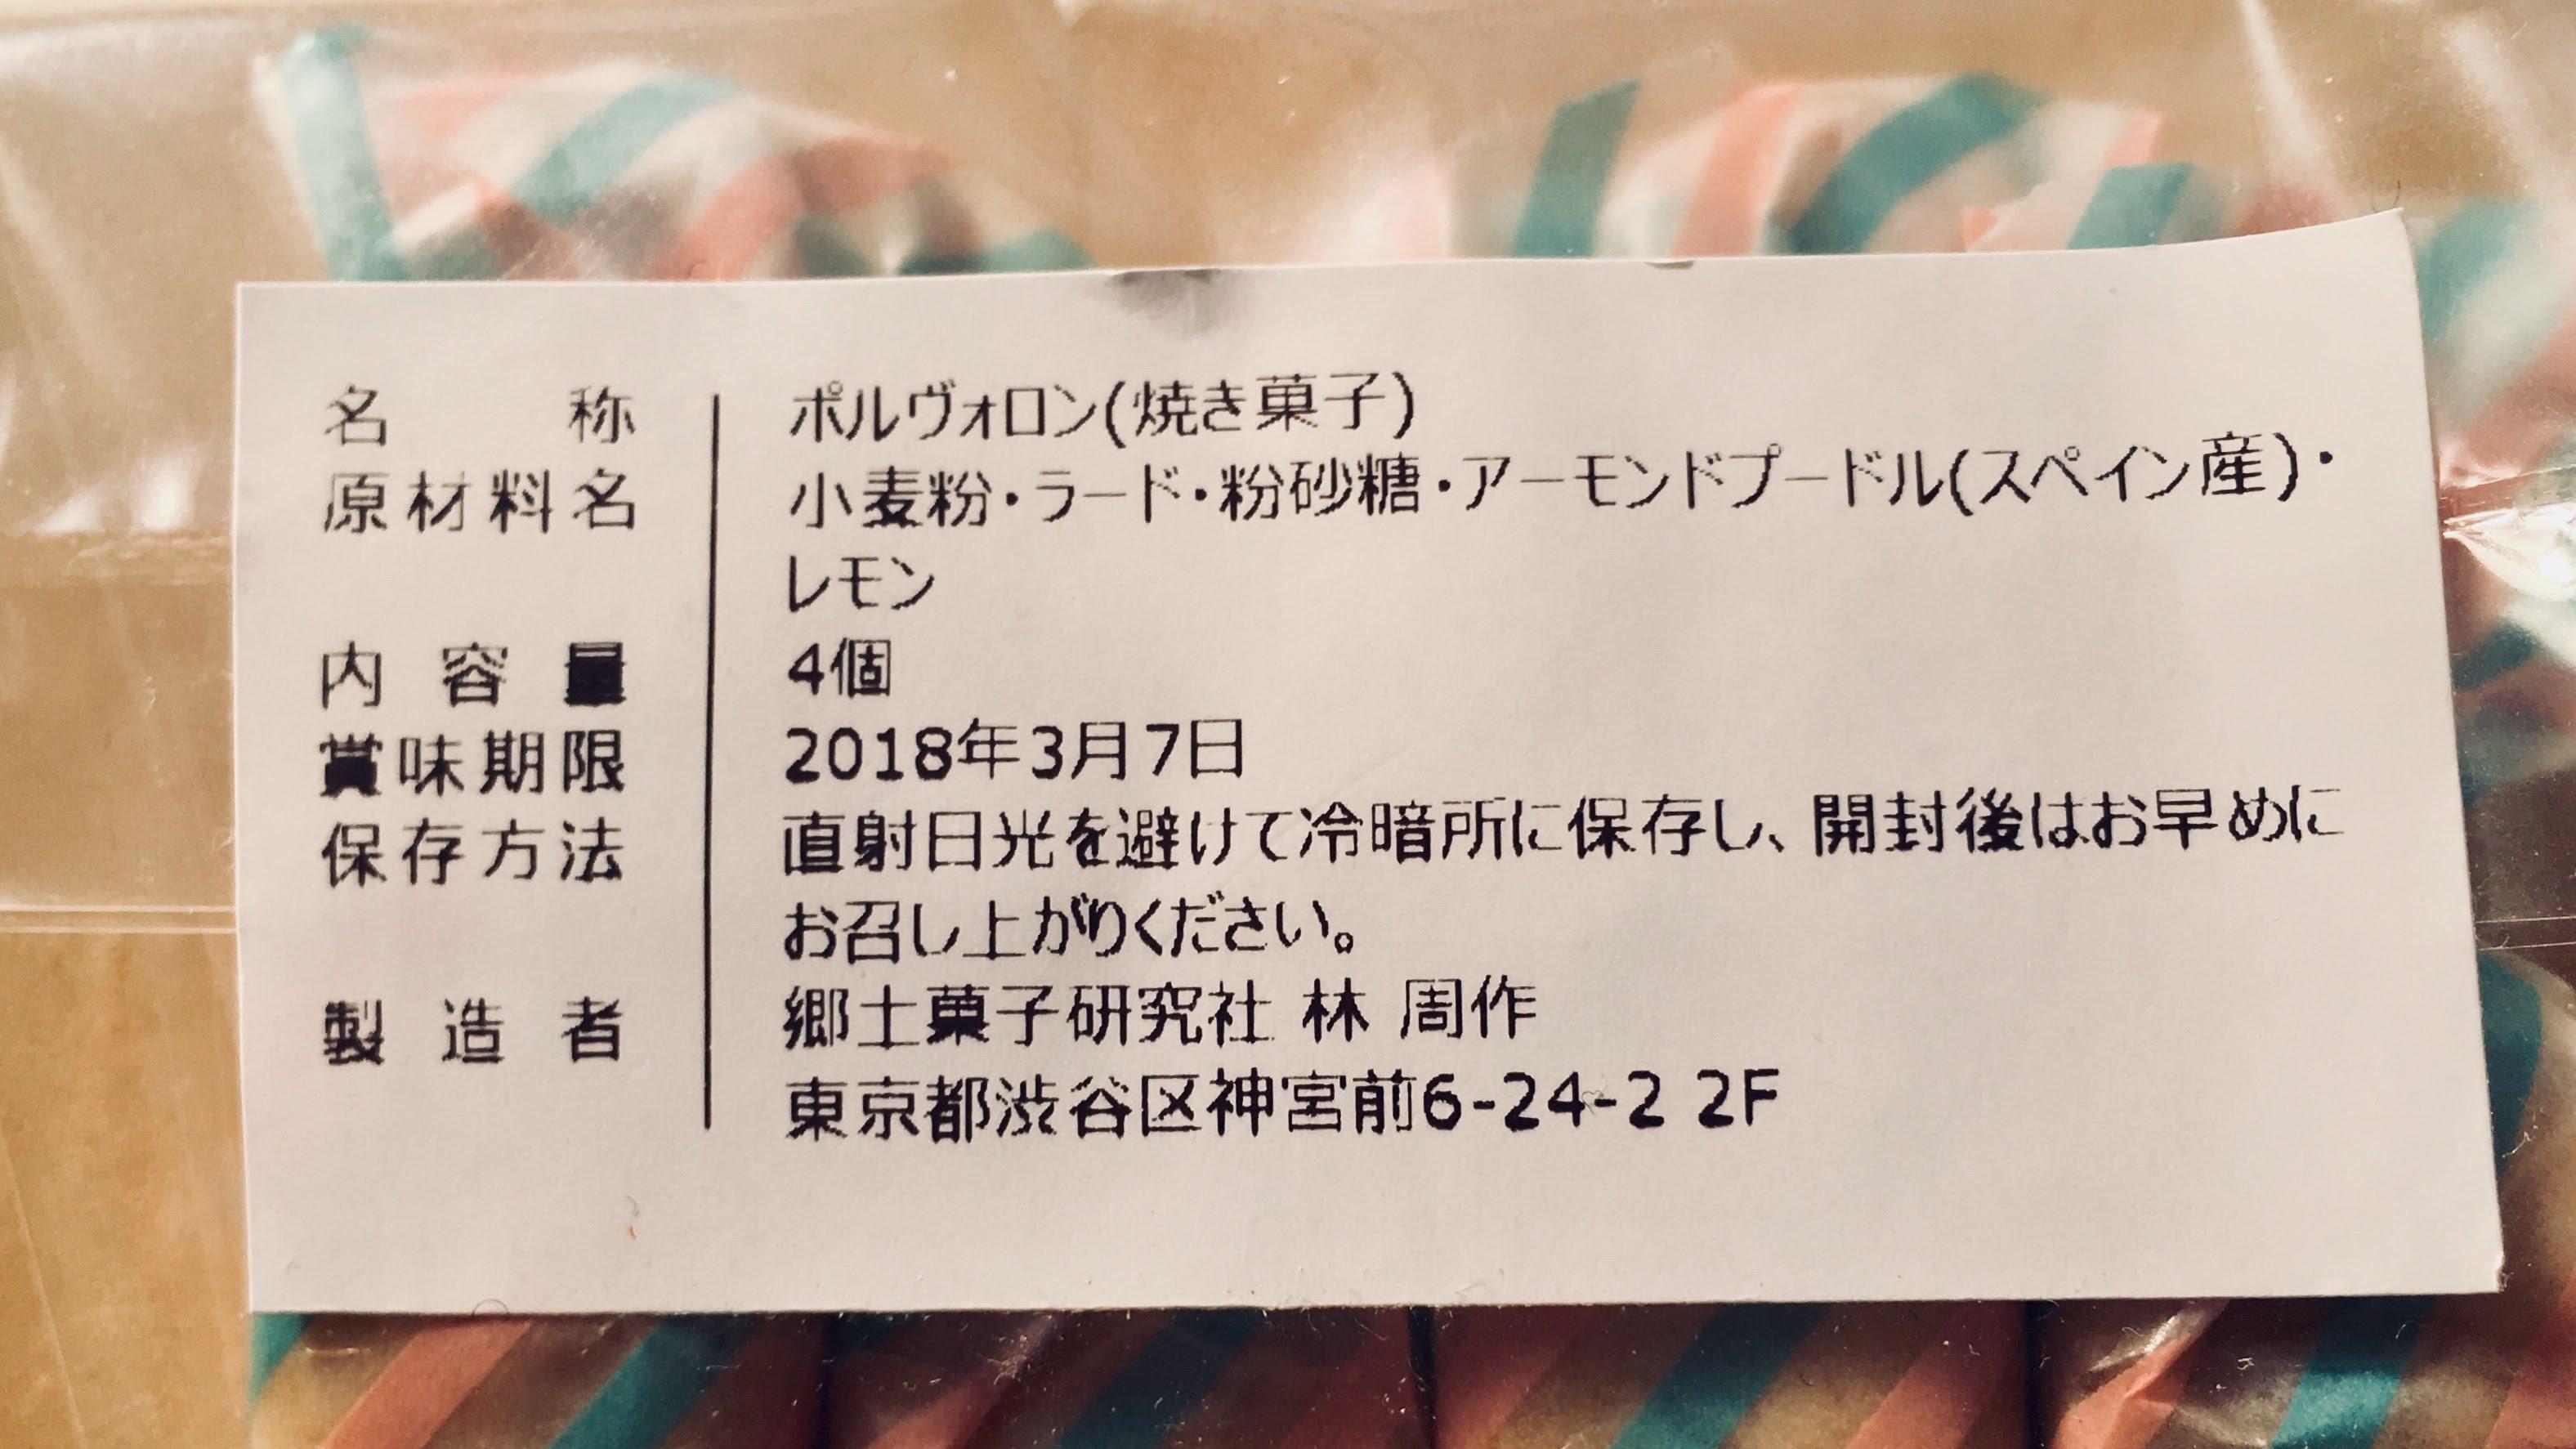 郷土菓子研究社の焼き菓子ボルヴォロンの製品表示